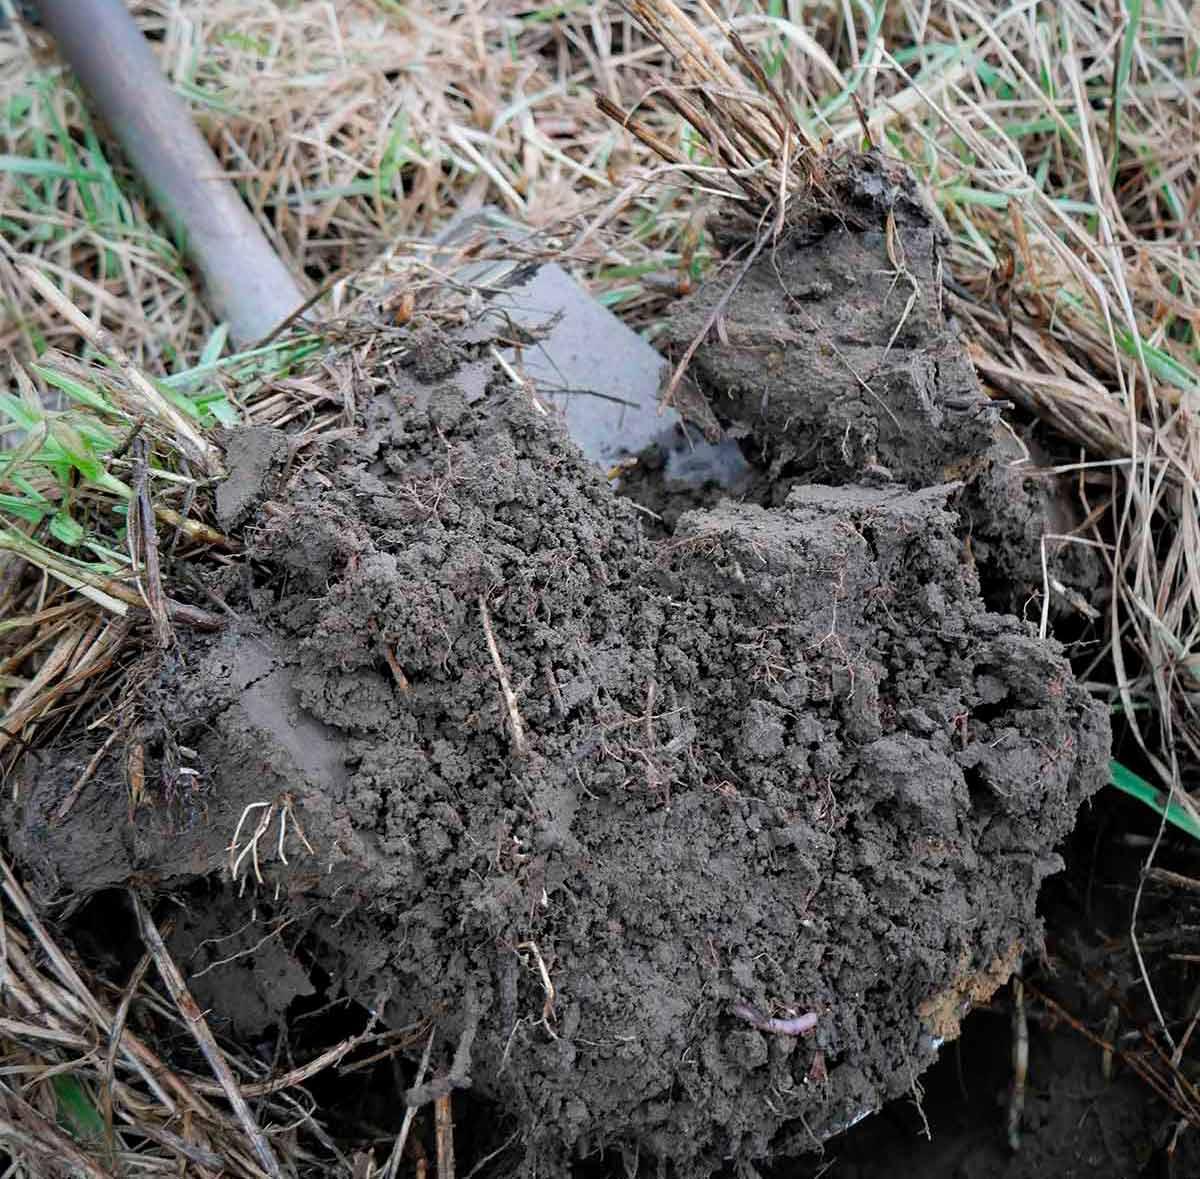 Hyvinvoivassa-maassa-sienet,-bakteerit-ja-muut-mikrobit-välittävät-ravinteita-kasveille